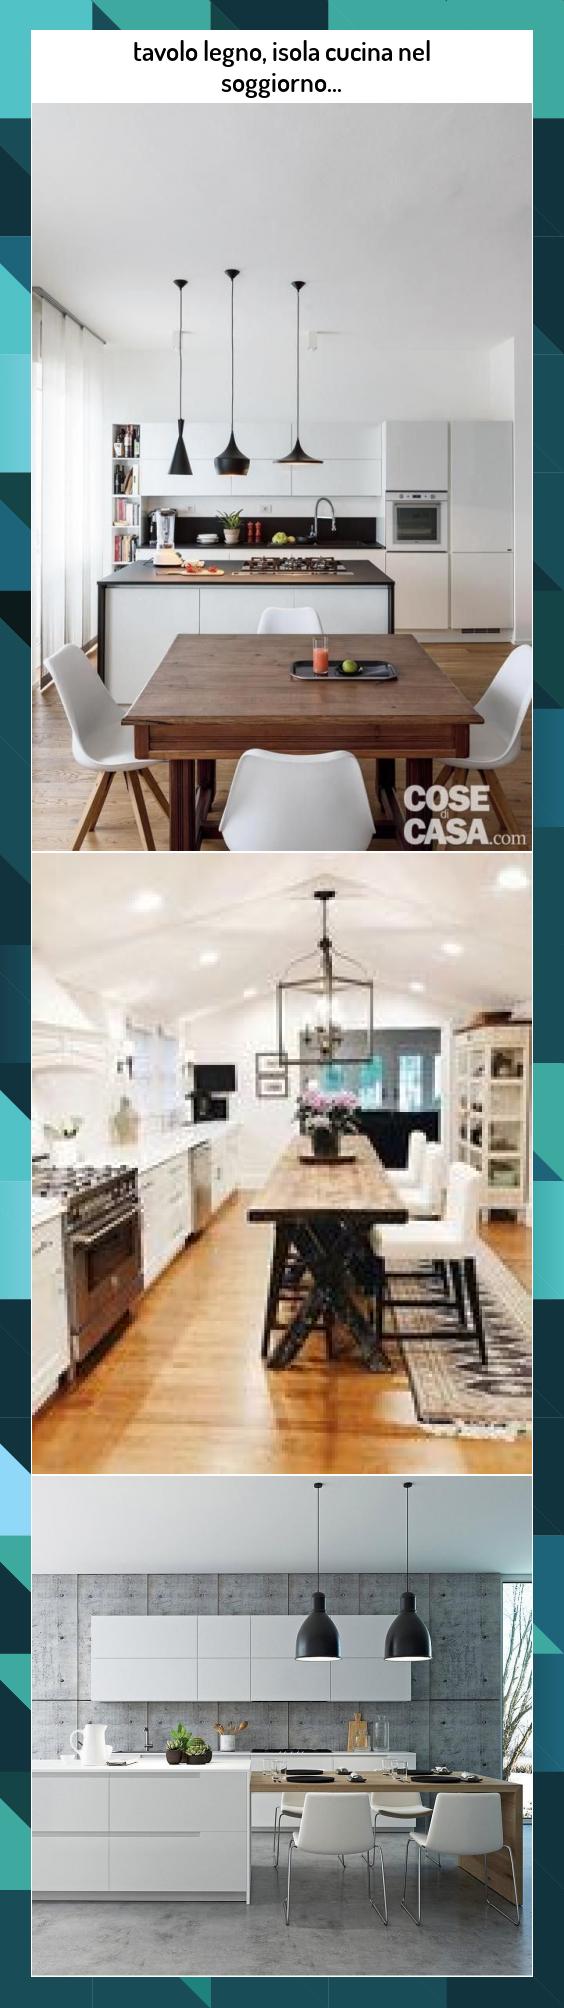 Photo of tavolo legno, isola cucina nel soggiorno… #tavolo #legno, #isola #cucina #nel